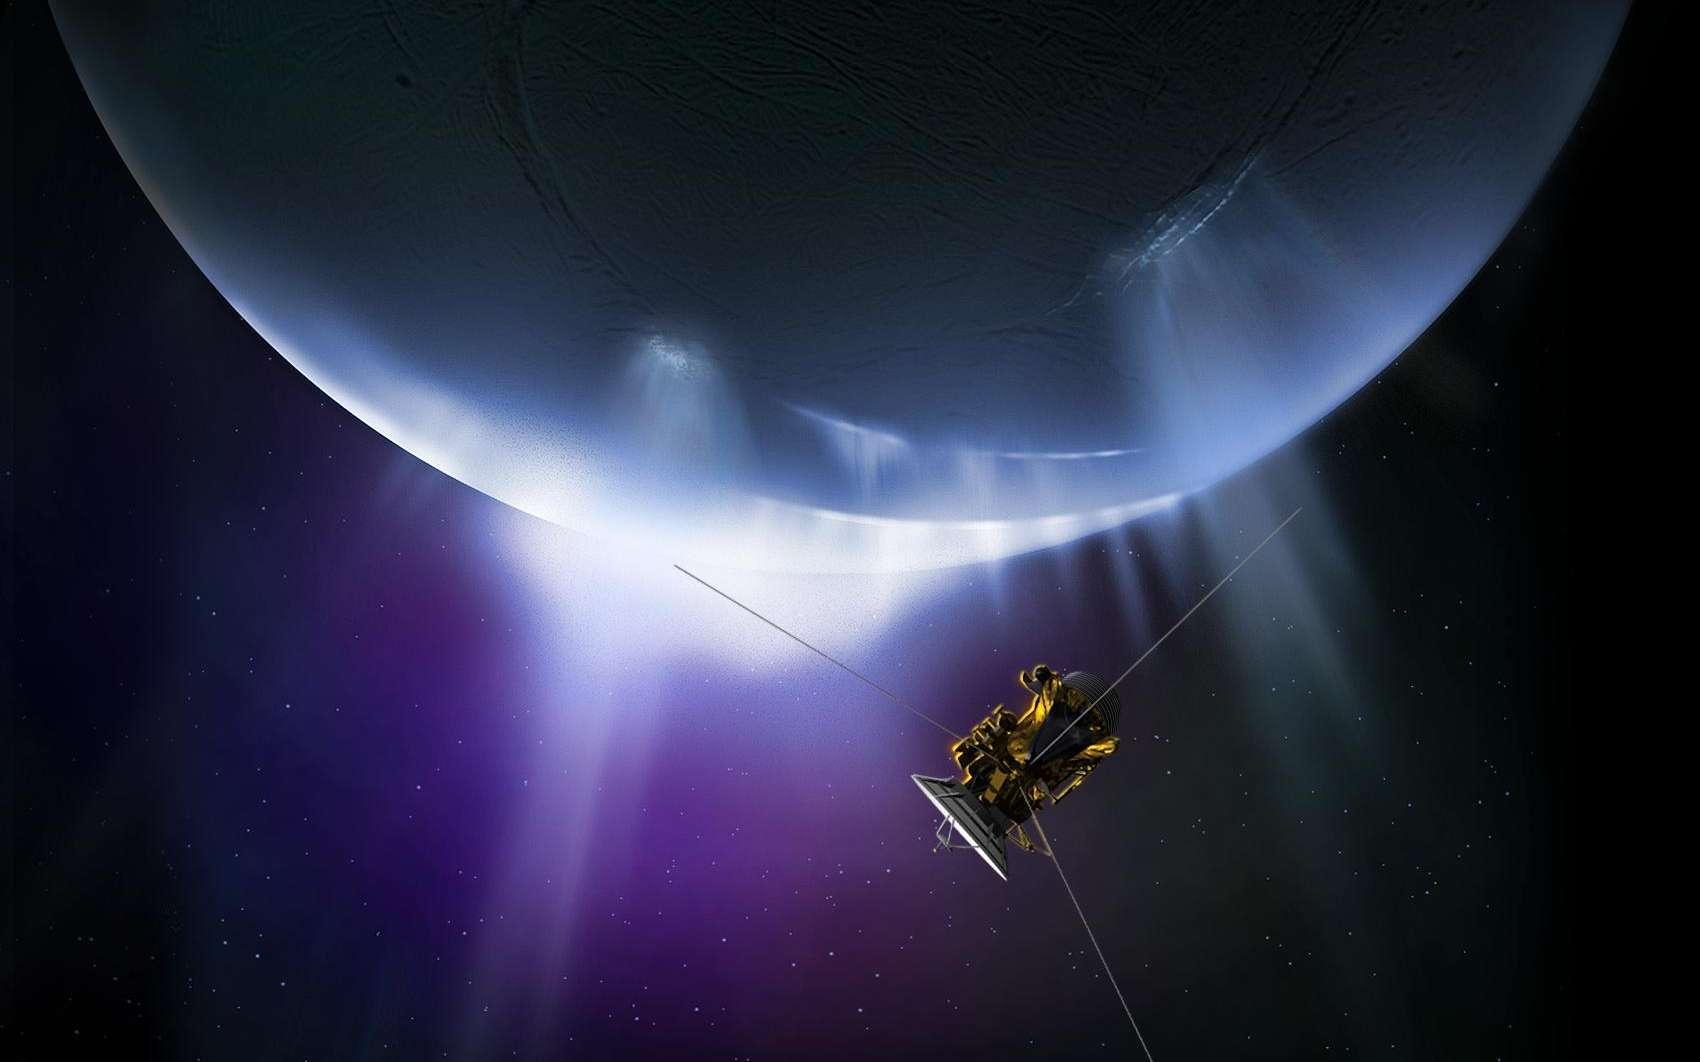 Le 19 décembre 2015, Cassini accomplira son dernier survol d'Encelade, petite lune glacée de Saturne où des geysers ont été observés pour la première fois par la sonde en 2005. Pour cette 22e approche, l'instrument CIRS va cartographier l'énergie émise de l'intérieur de l'astre. © Nasa, JPL-Caltech